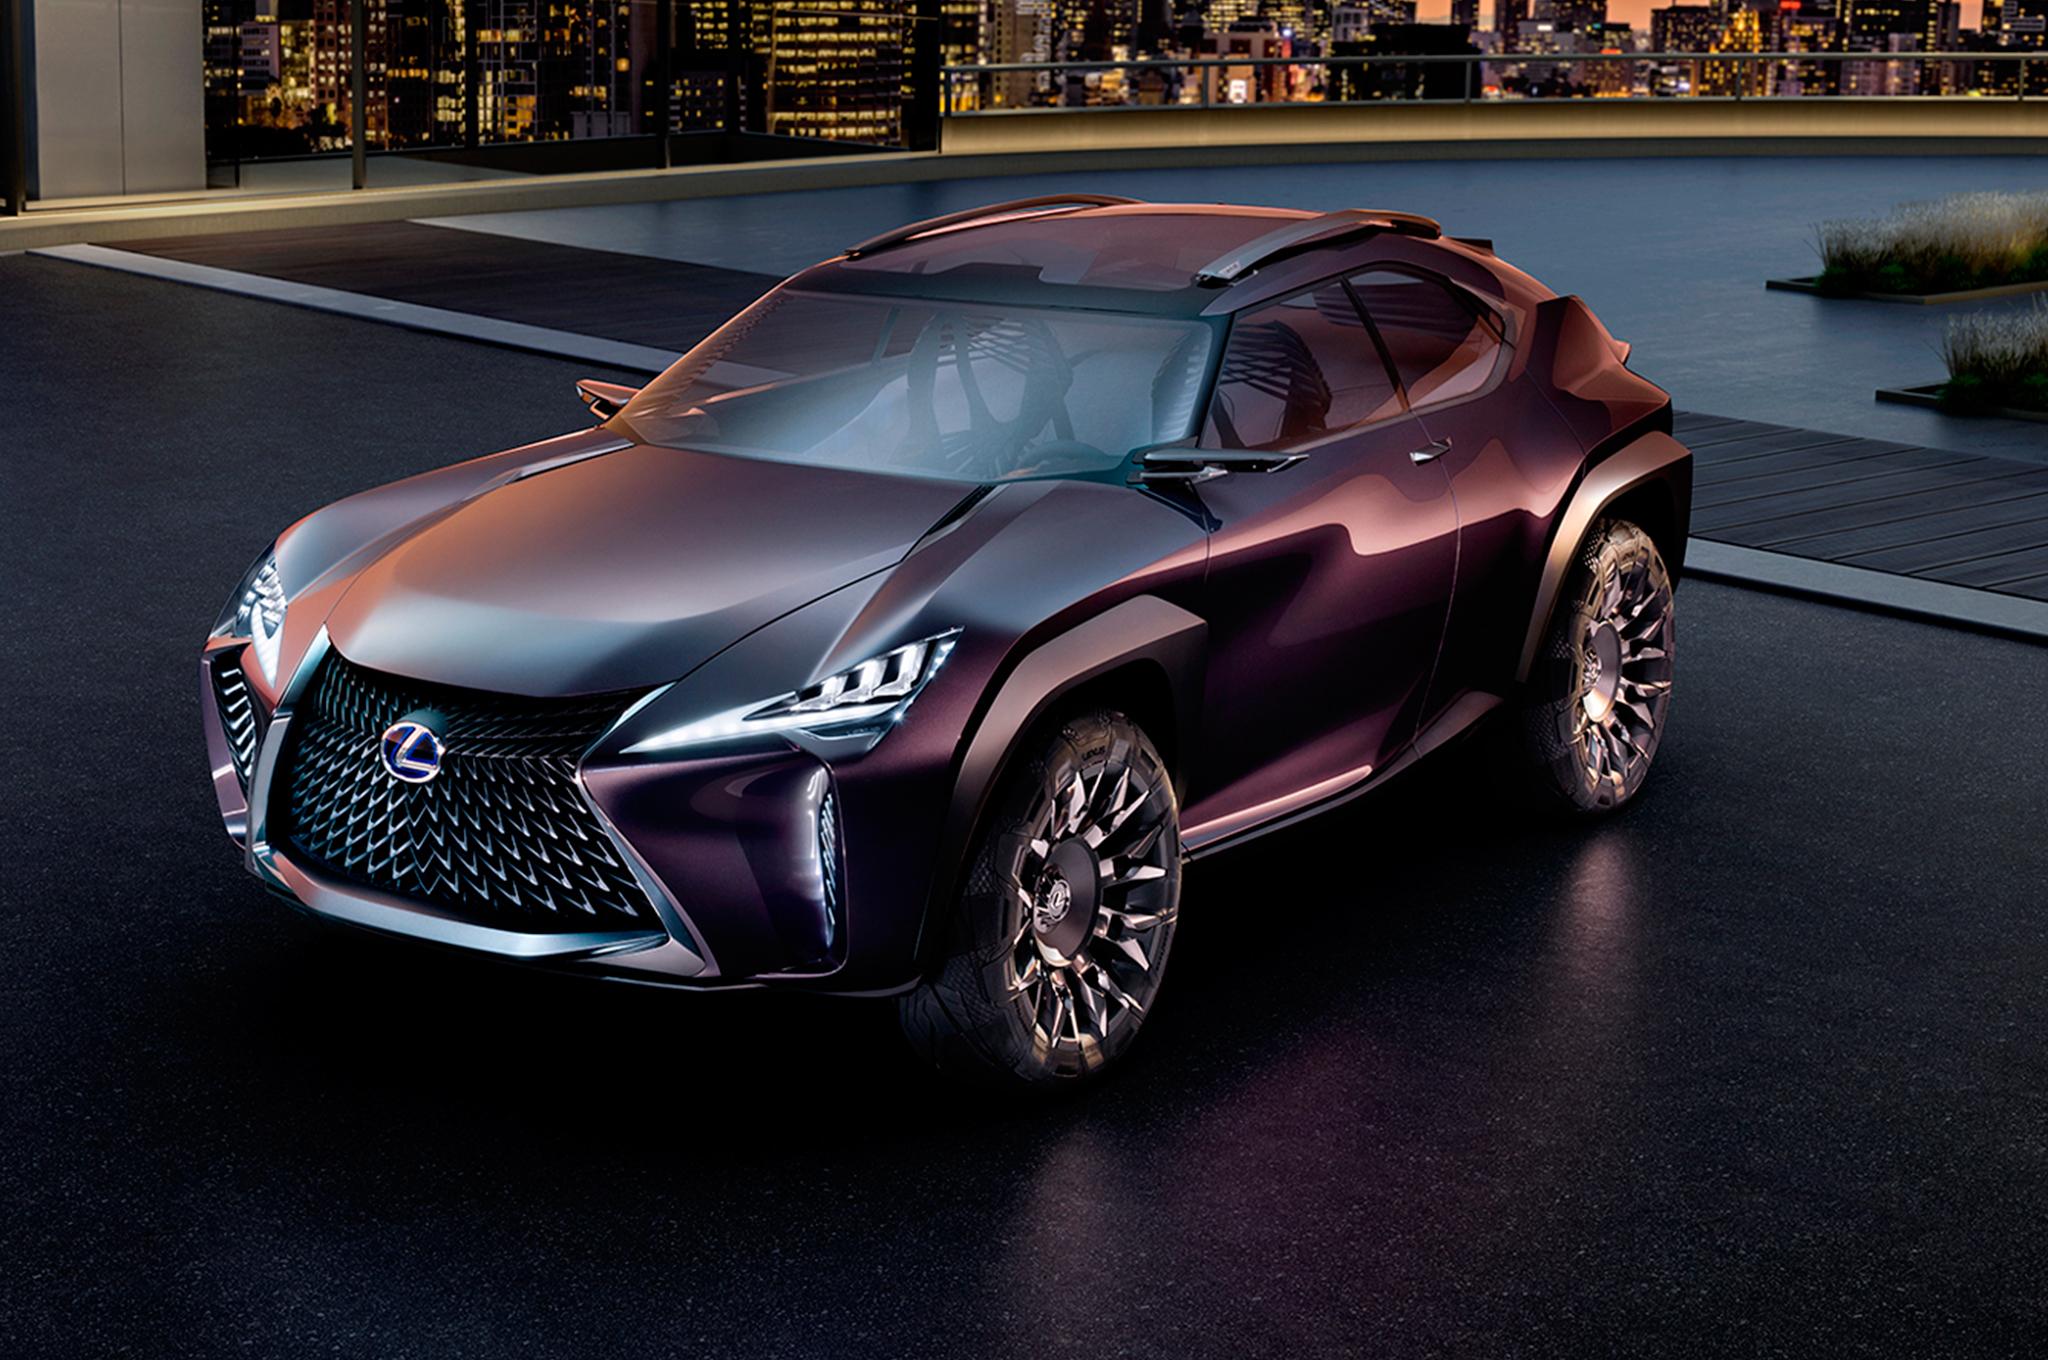 Lexus-UX-Concept-front-three-quarter.jpg